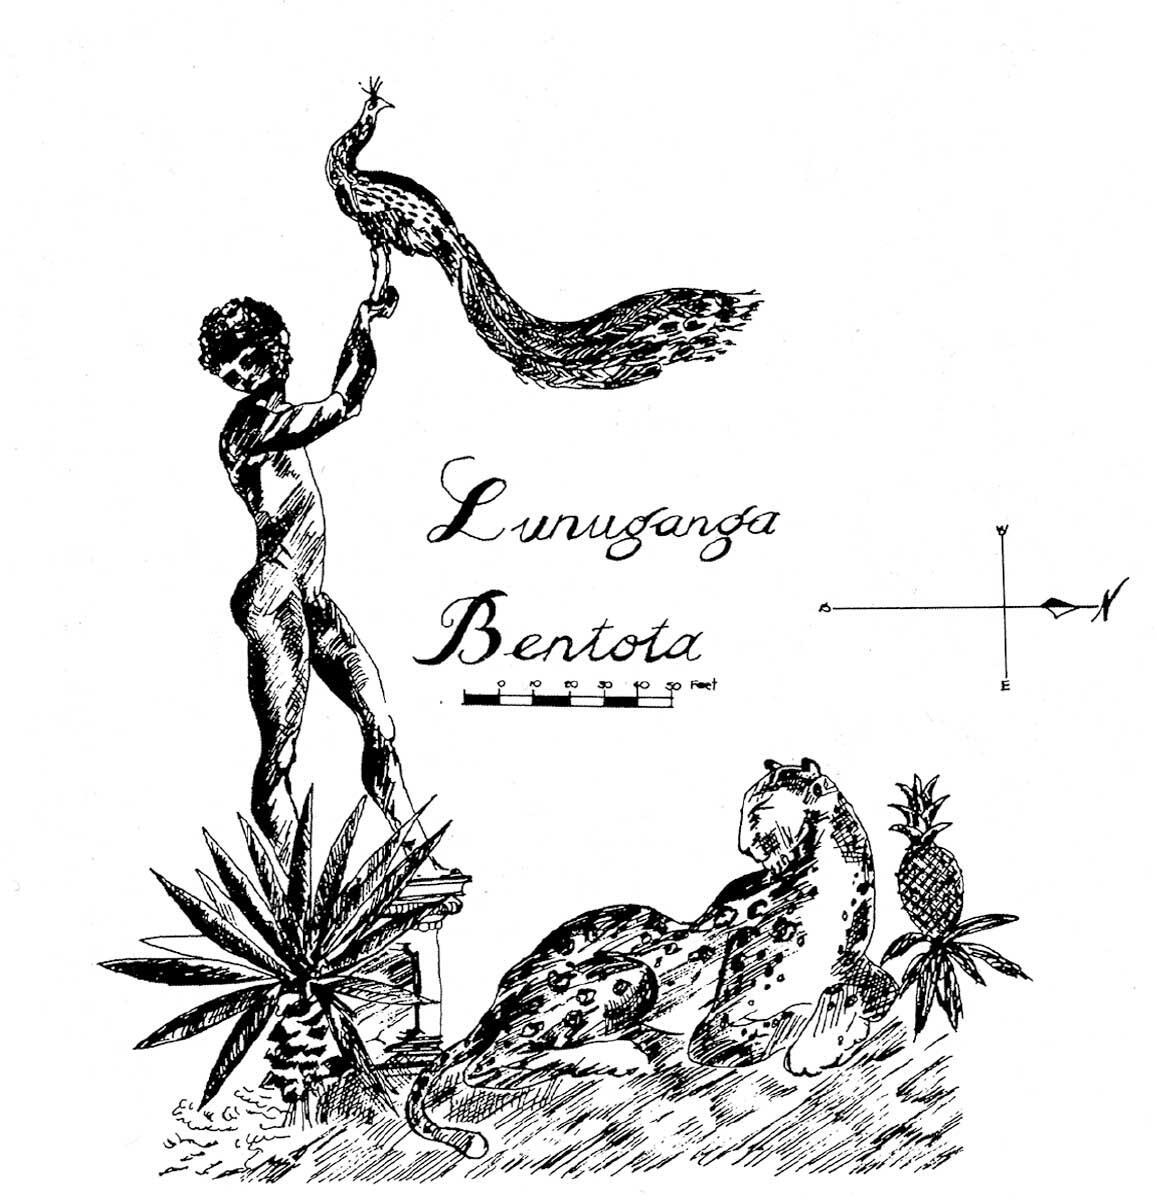 Emblem Lageplan Lunuganga Garden Retreat, 1985, gezeichnet von Vernon Nonis. (Bon/Robson Archiv)